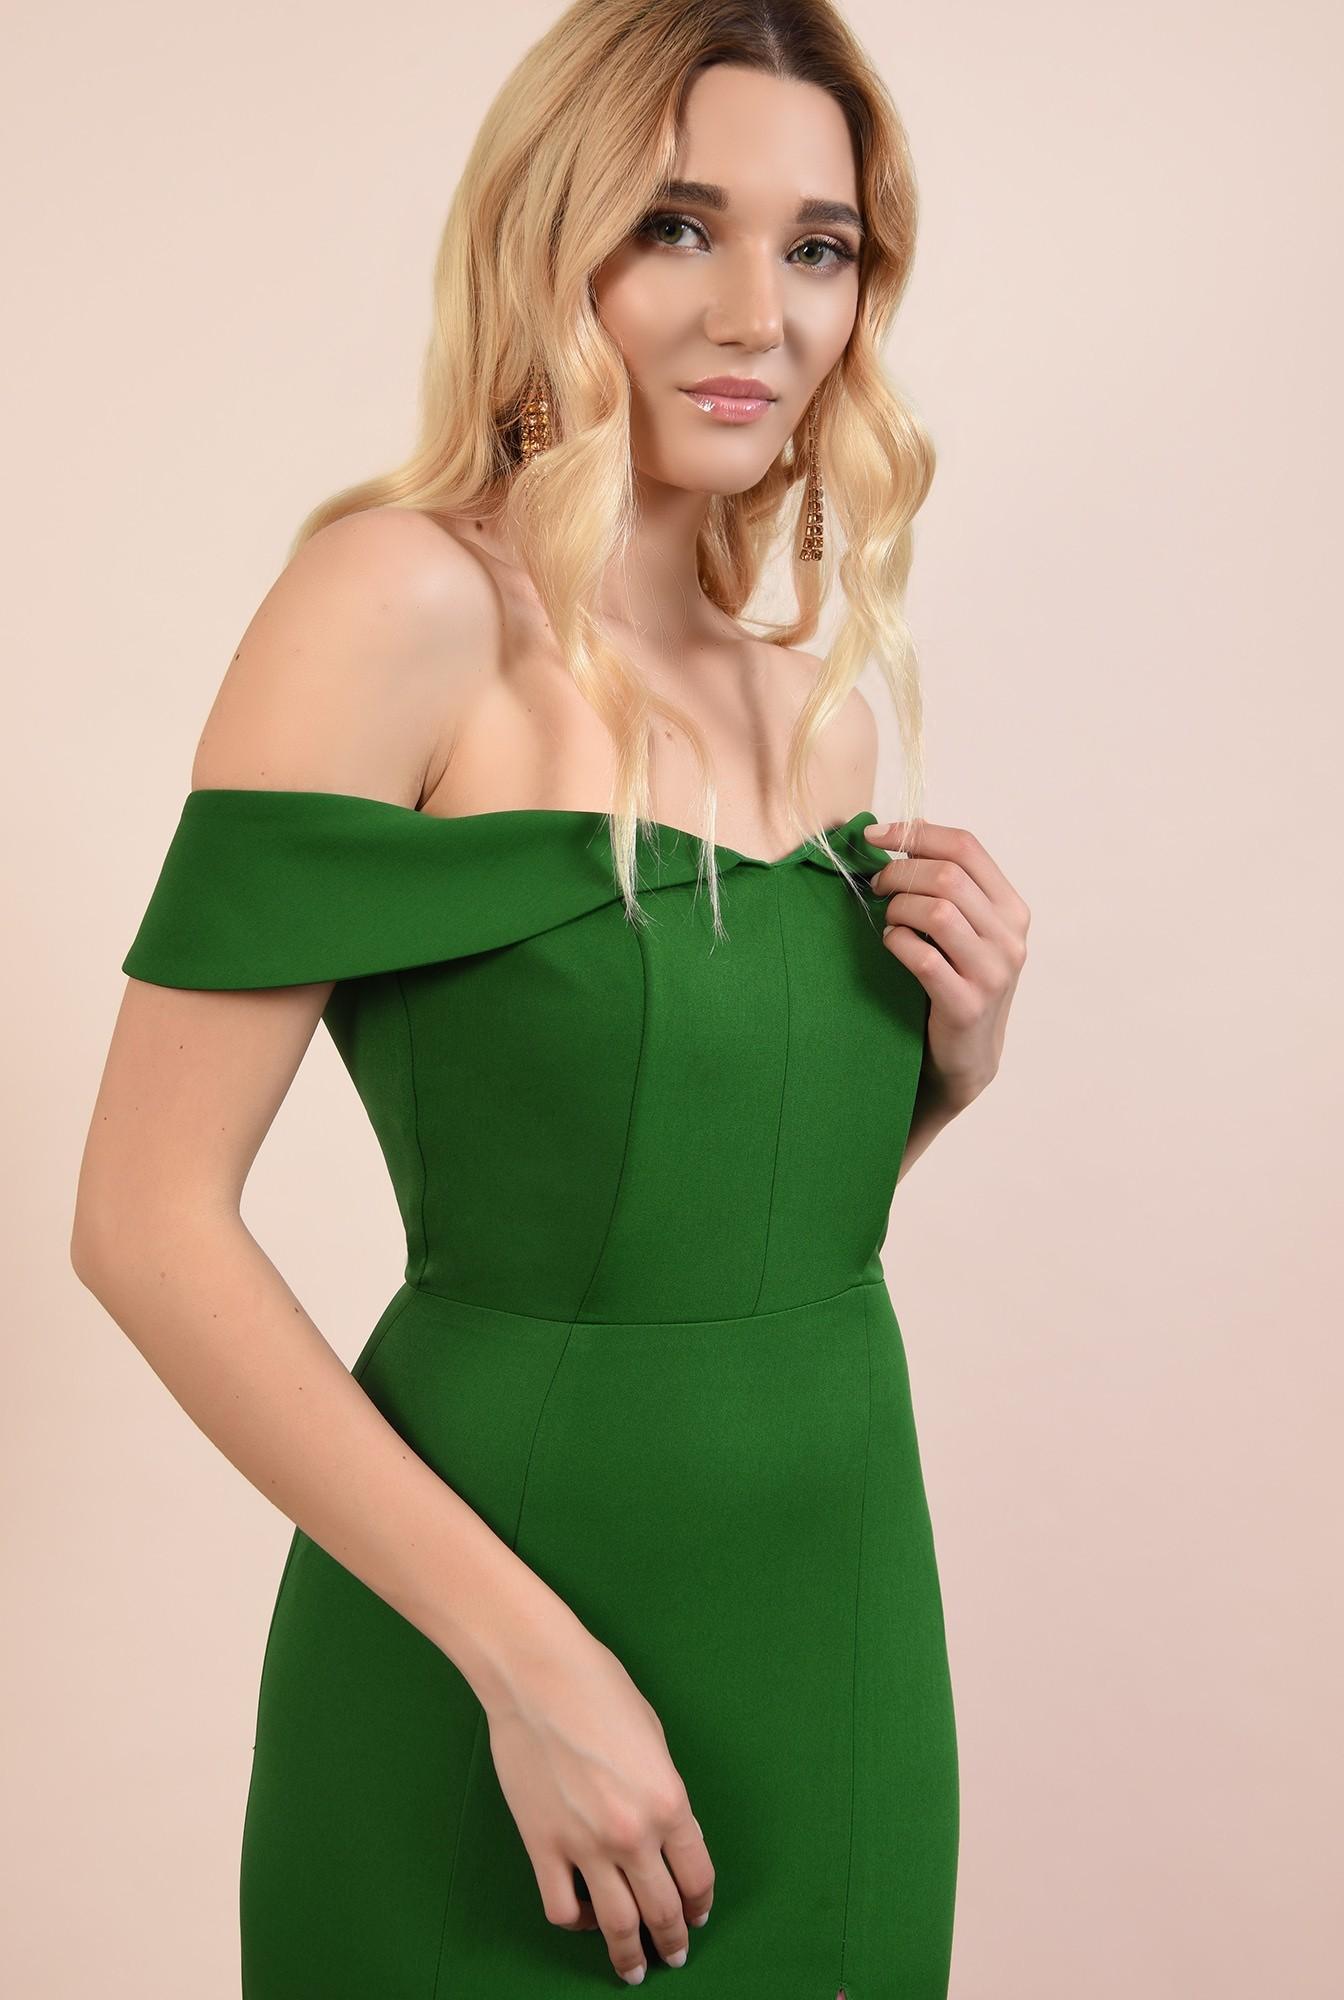 2 - rochie de seara, cu crapeu, umeri goi, decoltata, verde, rochii online